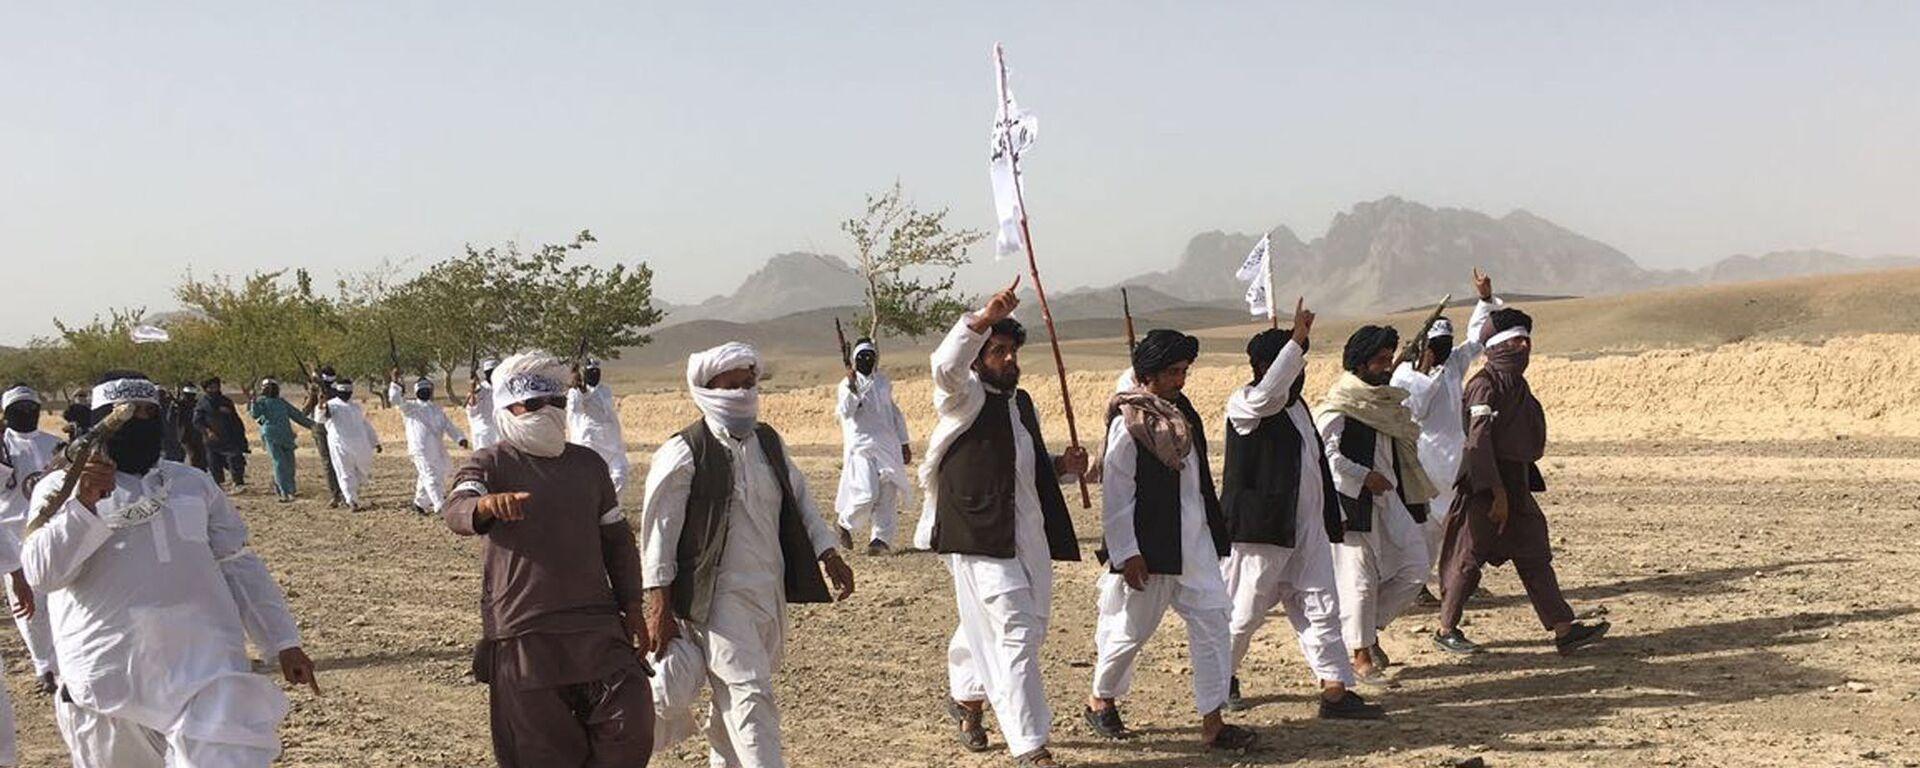 Члены террористического движения Талибан в Афганистане - Sputnik Тоҷикистон, 1920, 21.07.2021